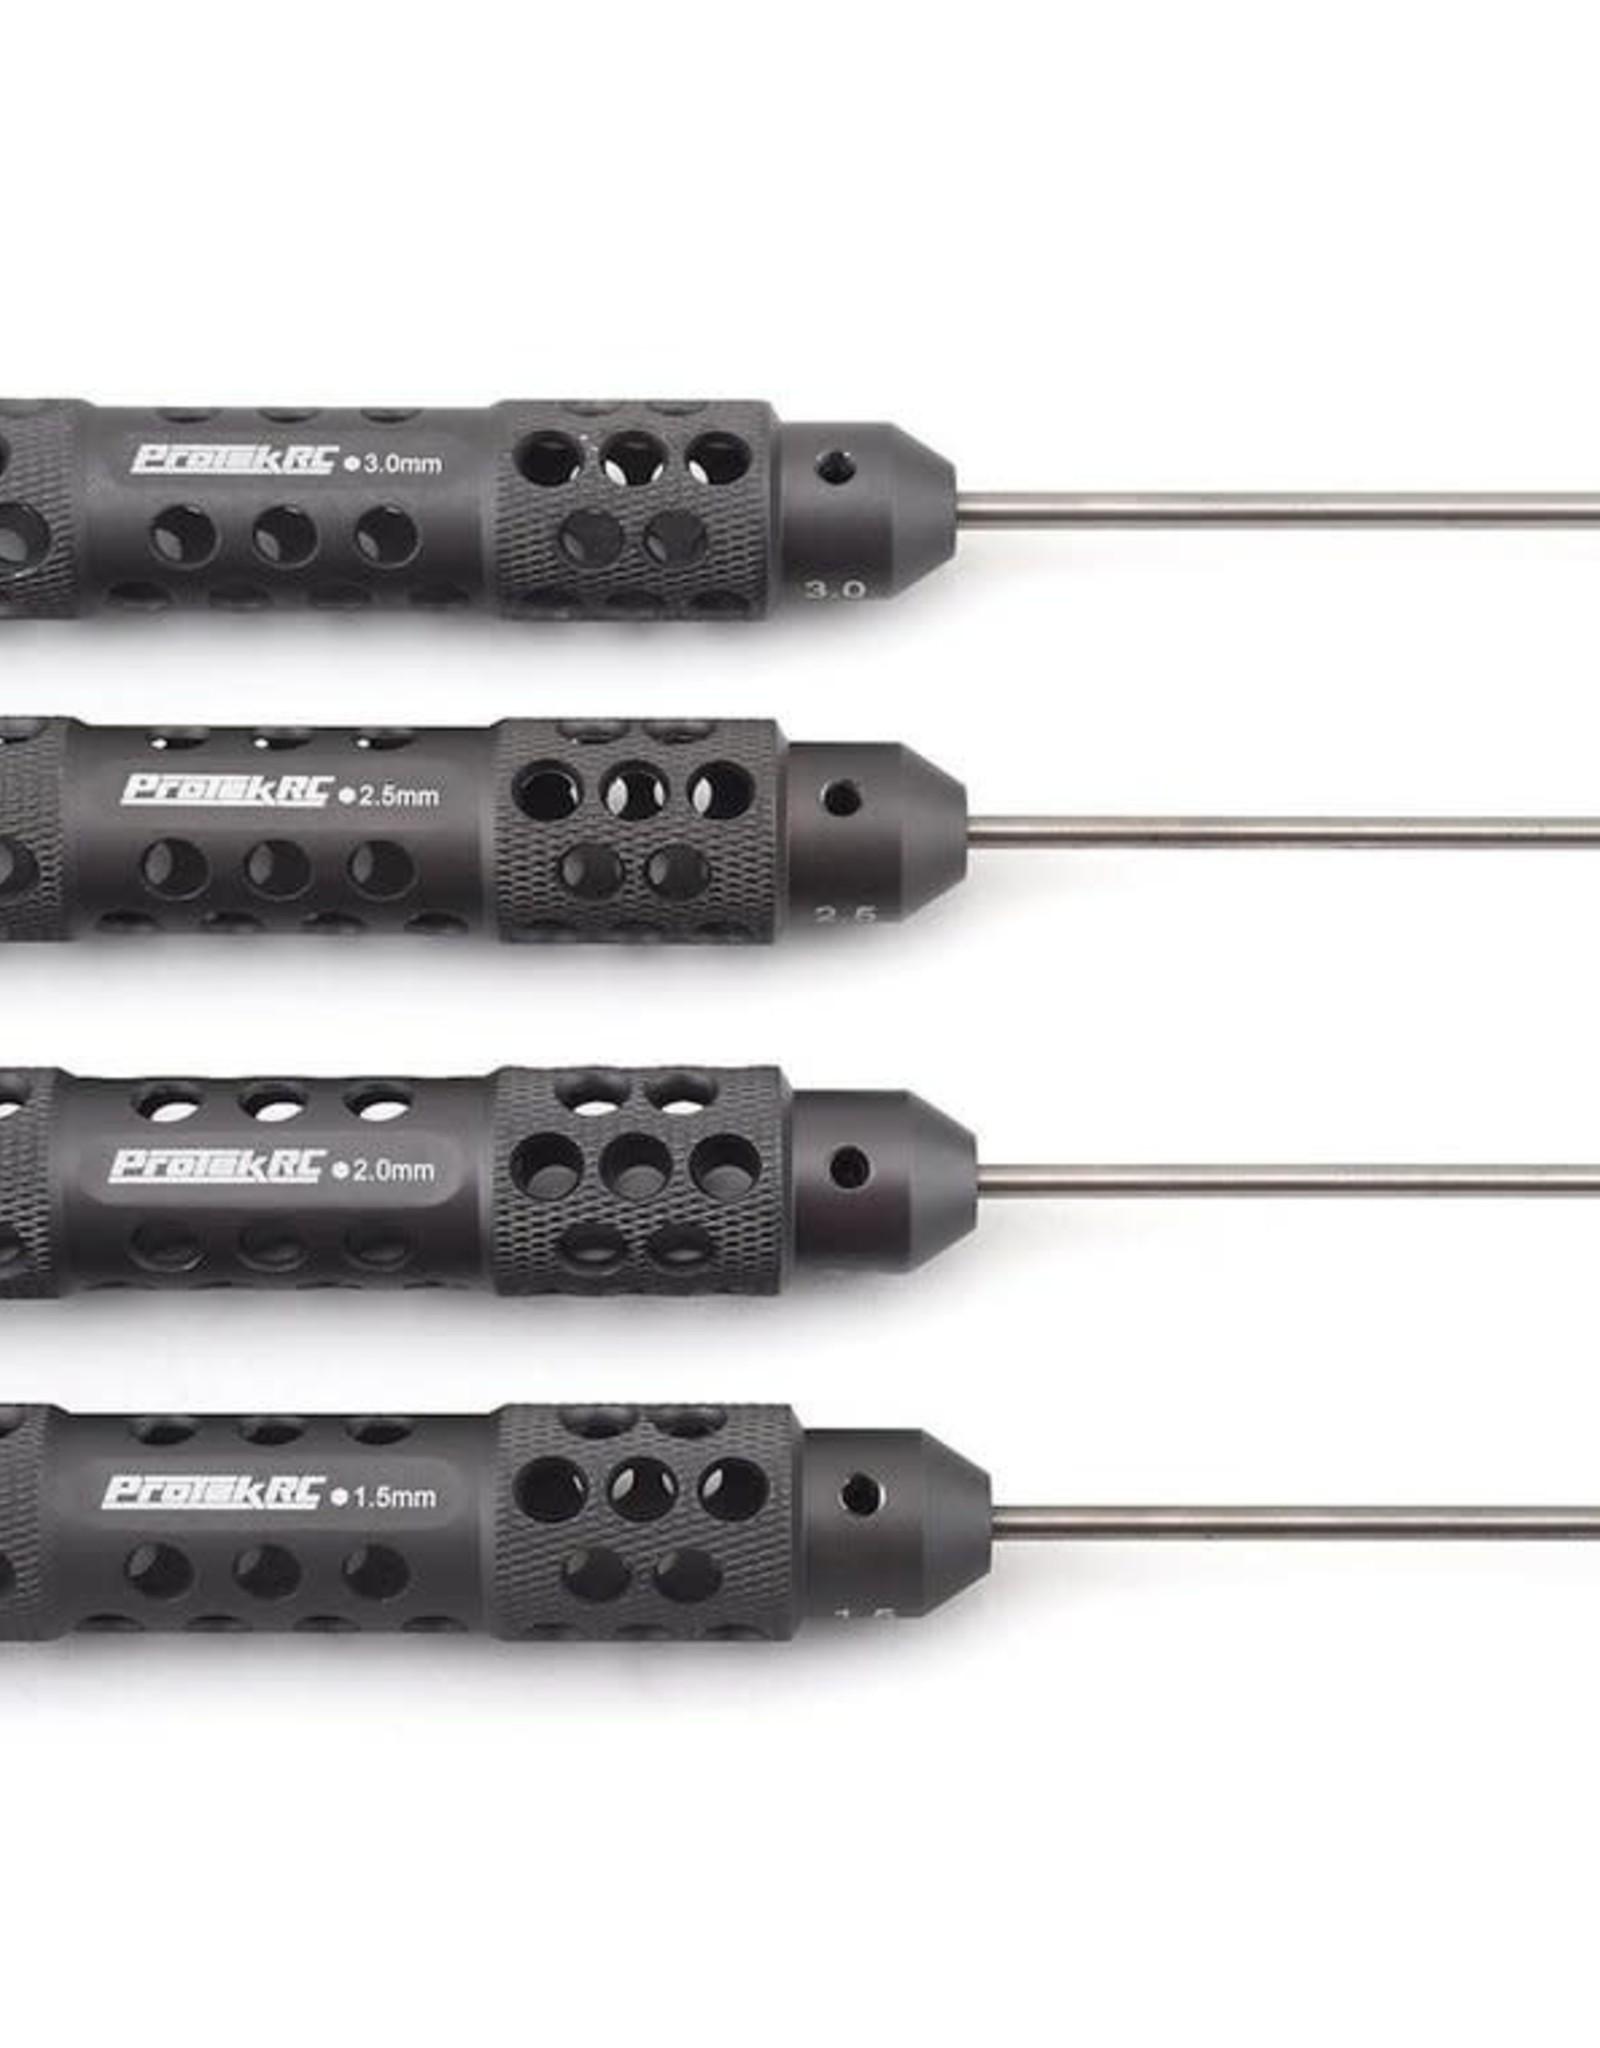 """Protek RC ProTek RC """"TruTorque SL"""" Metric Hex Driver Set (4) (1.5mm, 2.0mm, 2.5mm, 3.0mm)"""